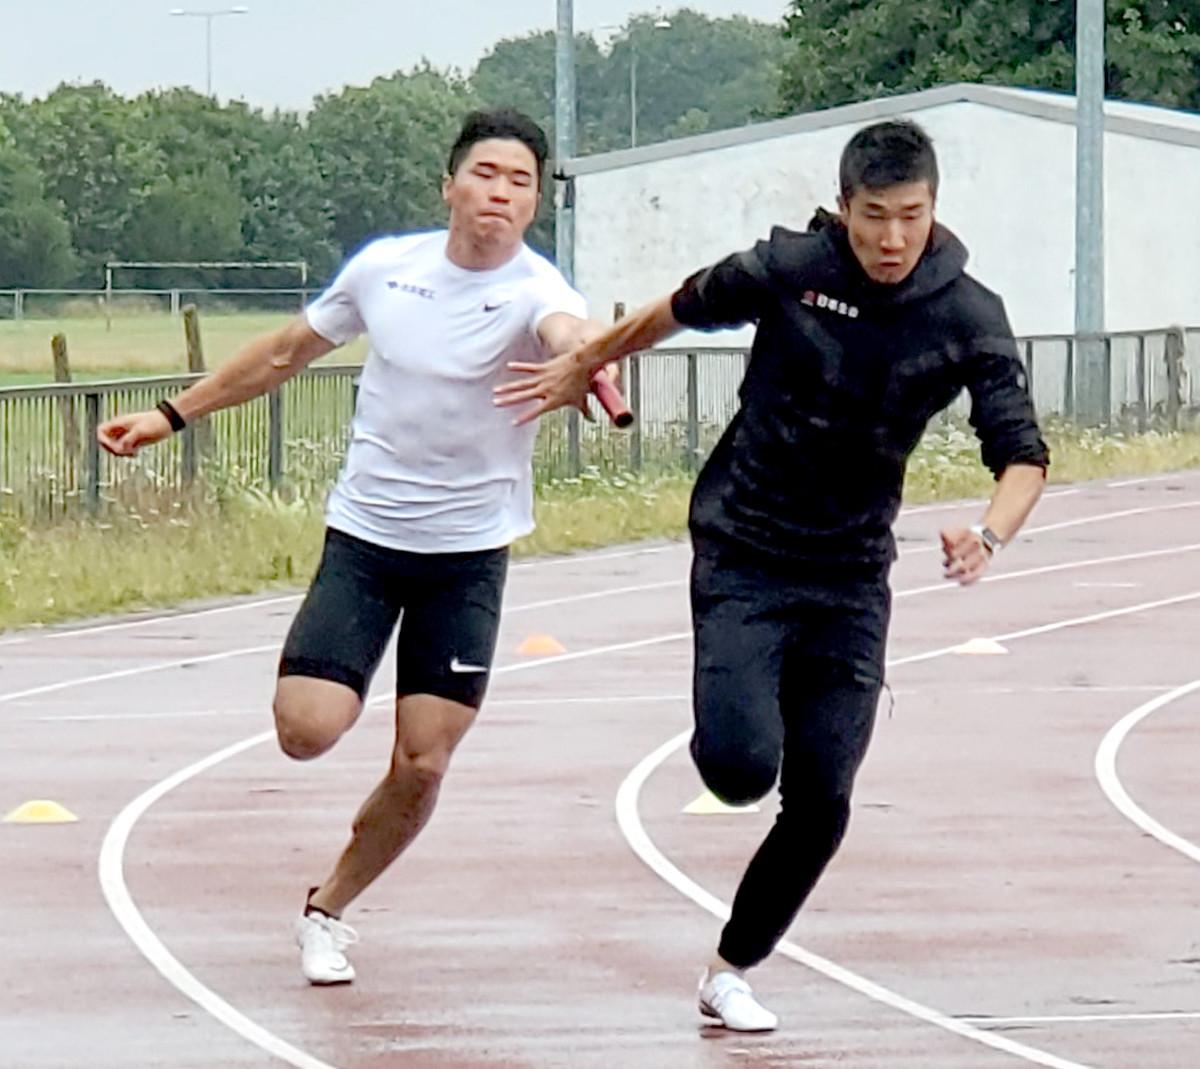 ロンドン郊外でバトン合わせ練習をする小池祐貴(左)と桐生祥秀